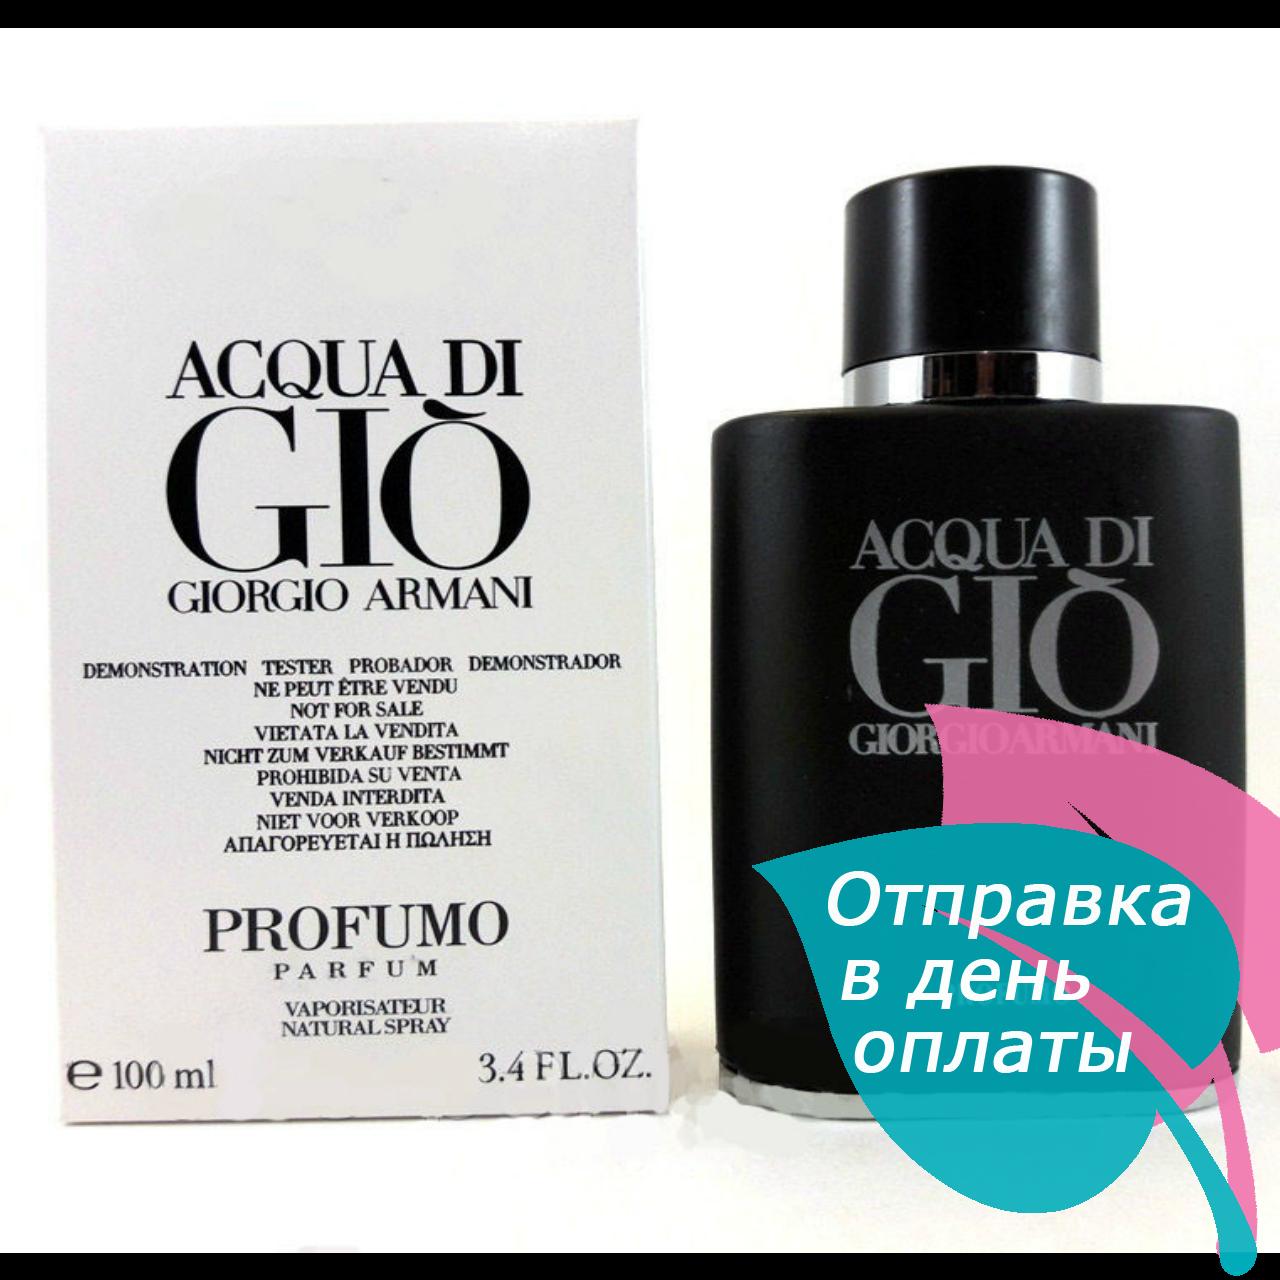 Giorgio Armani Acqua Di Gio Profumo Edp Tester мужской100 мл цена